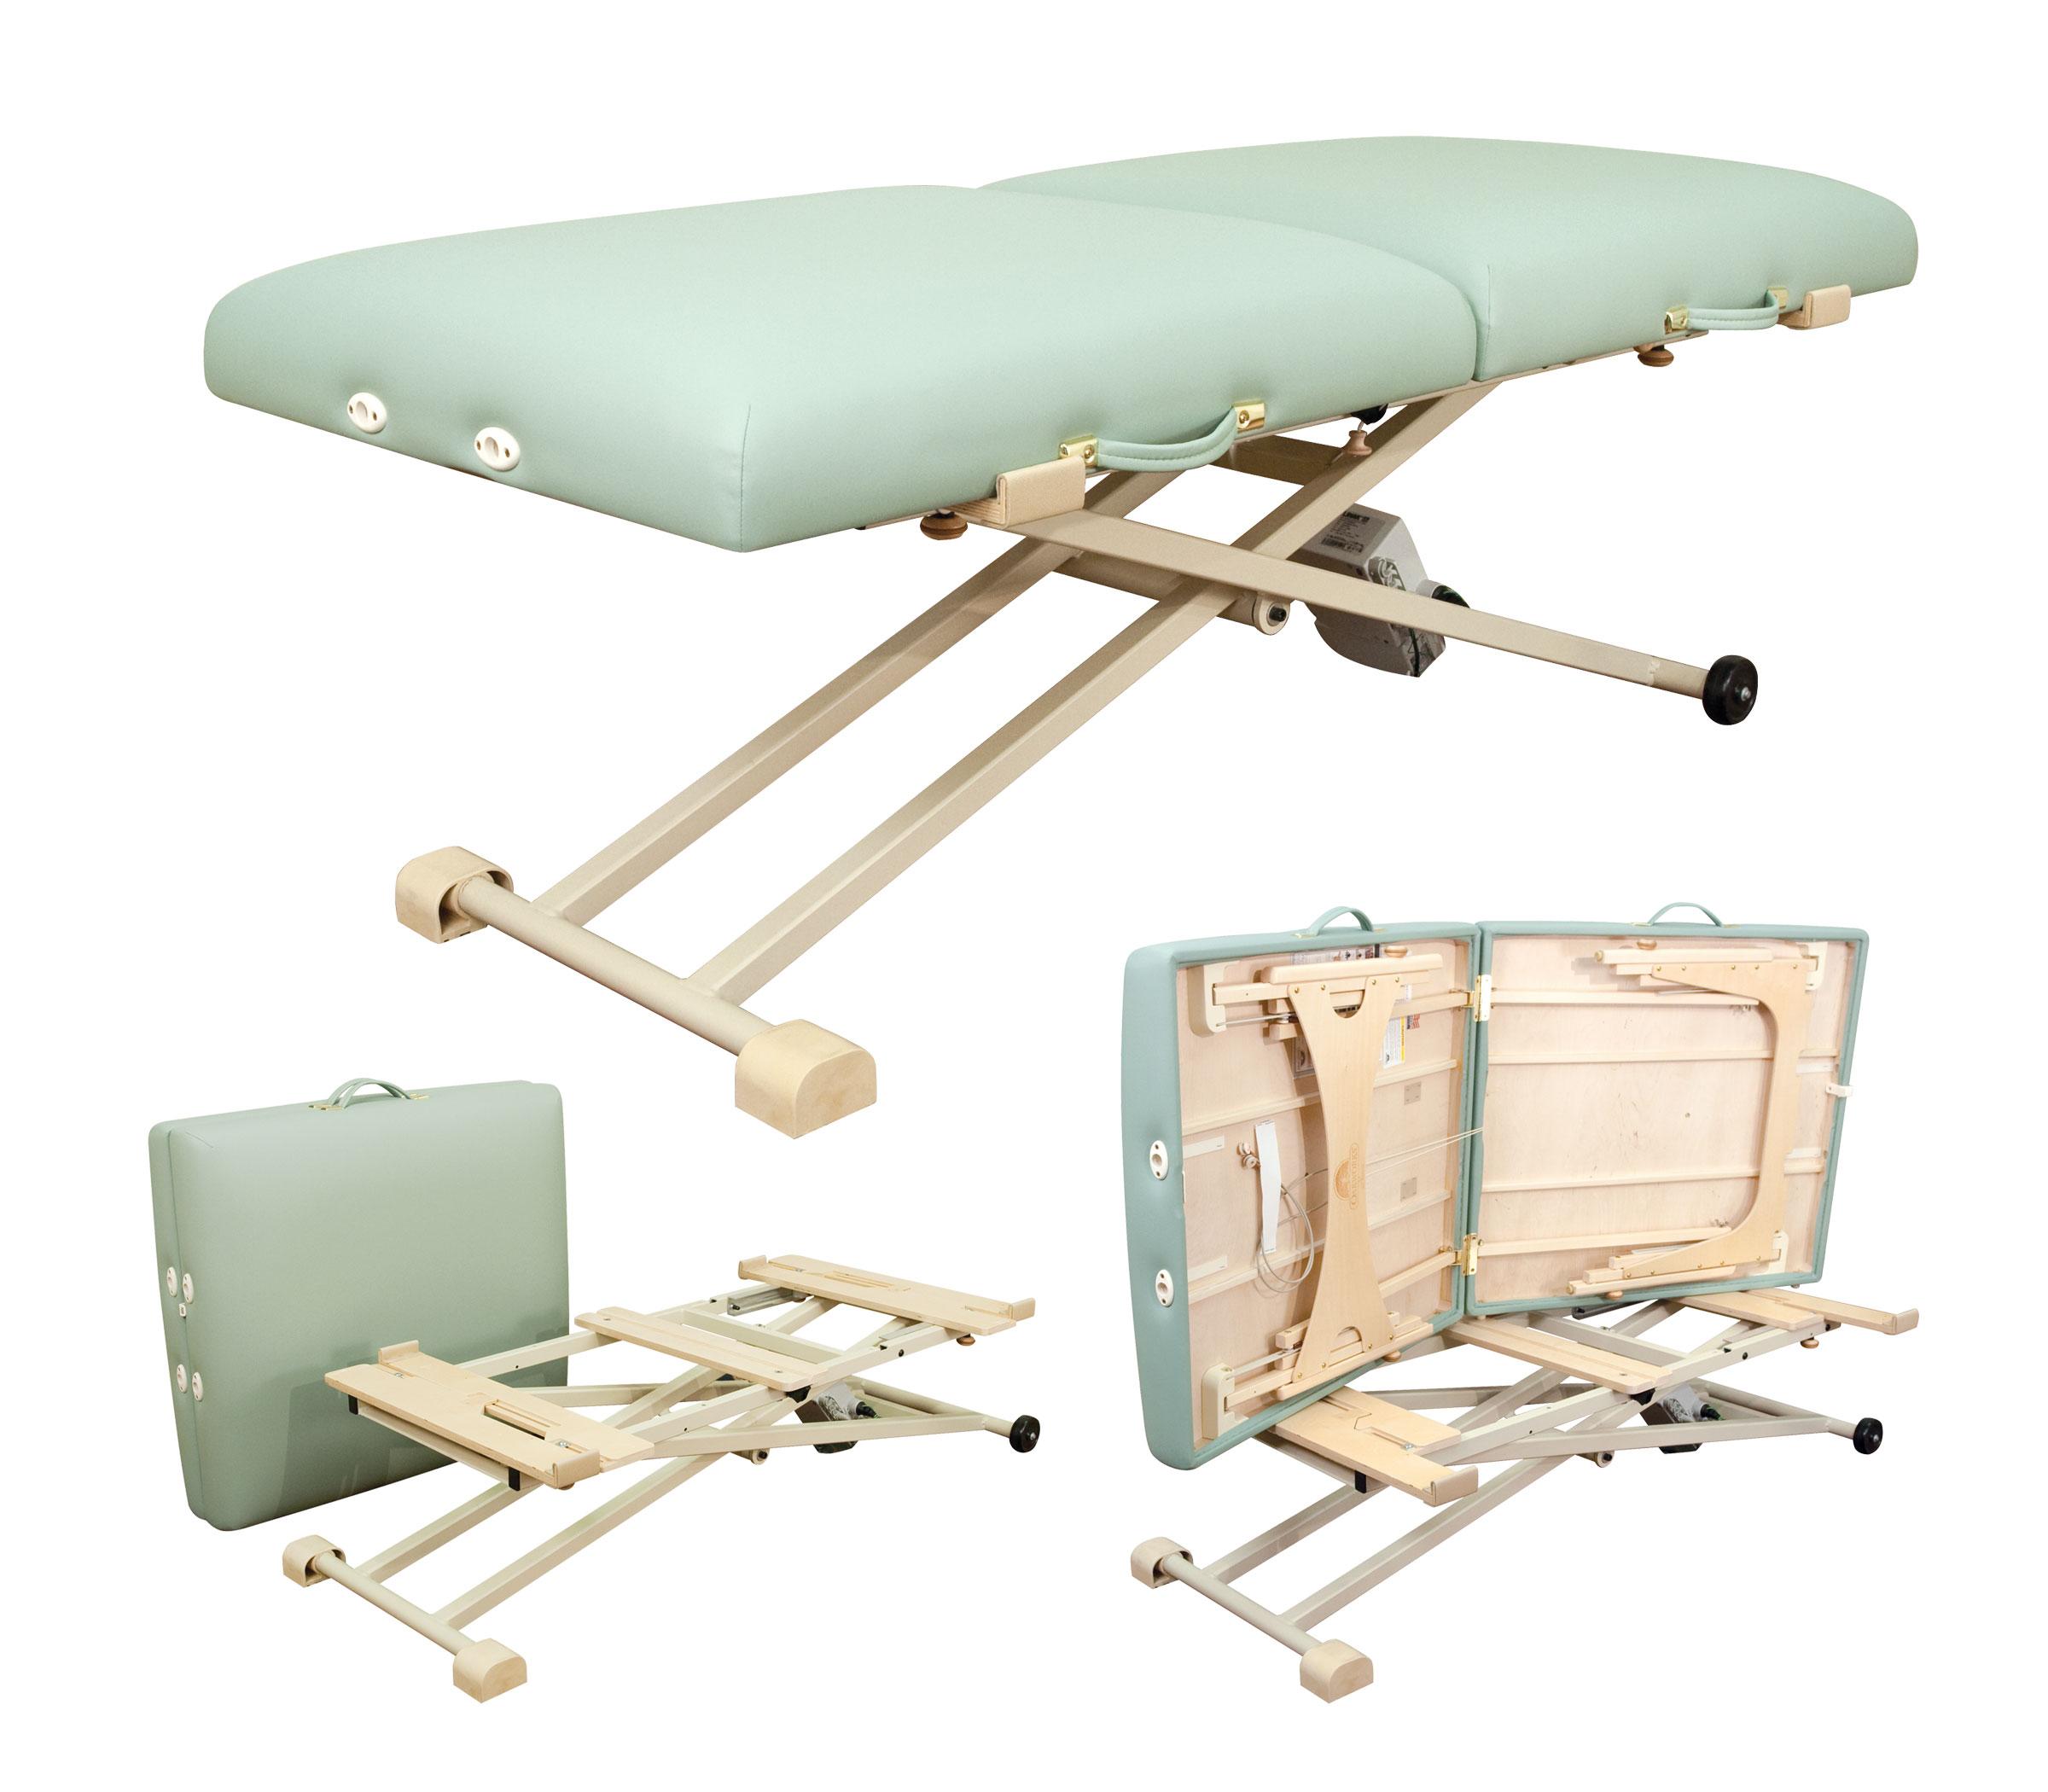 Proluxe Convertible Table